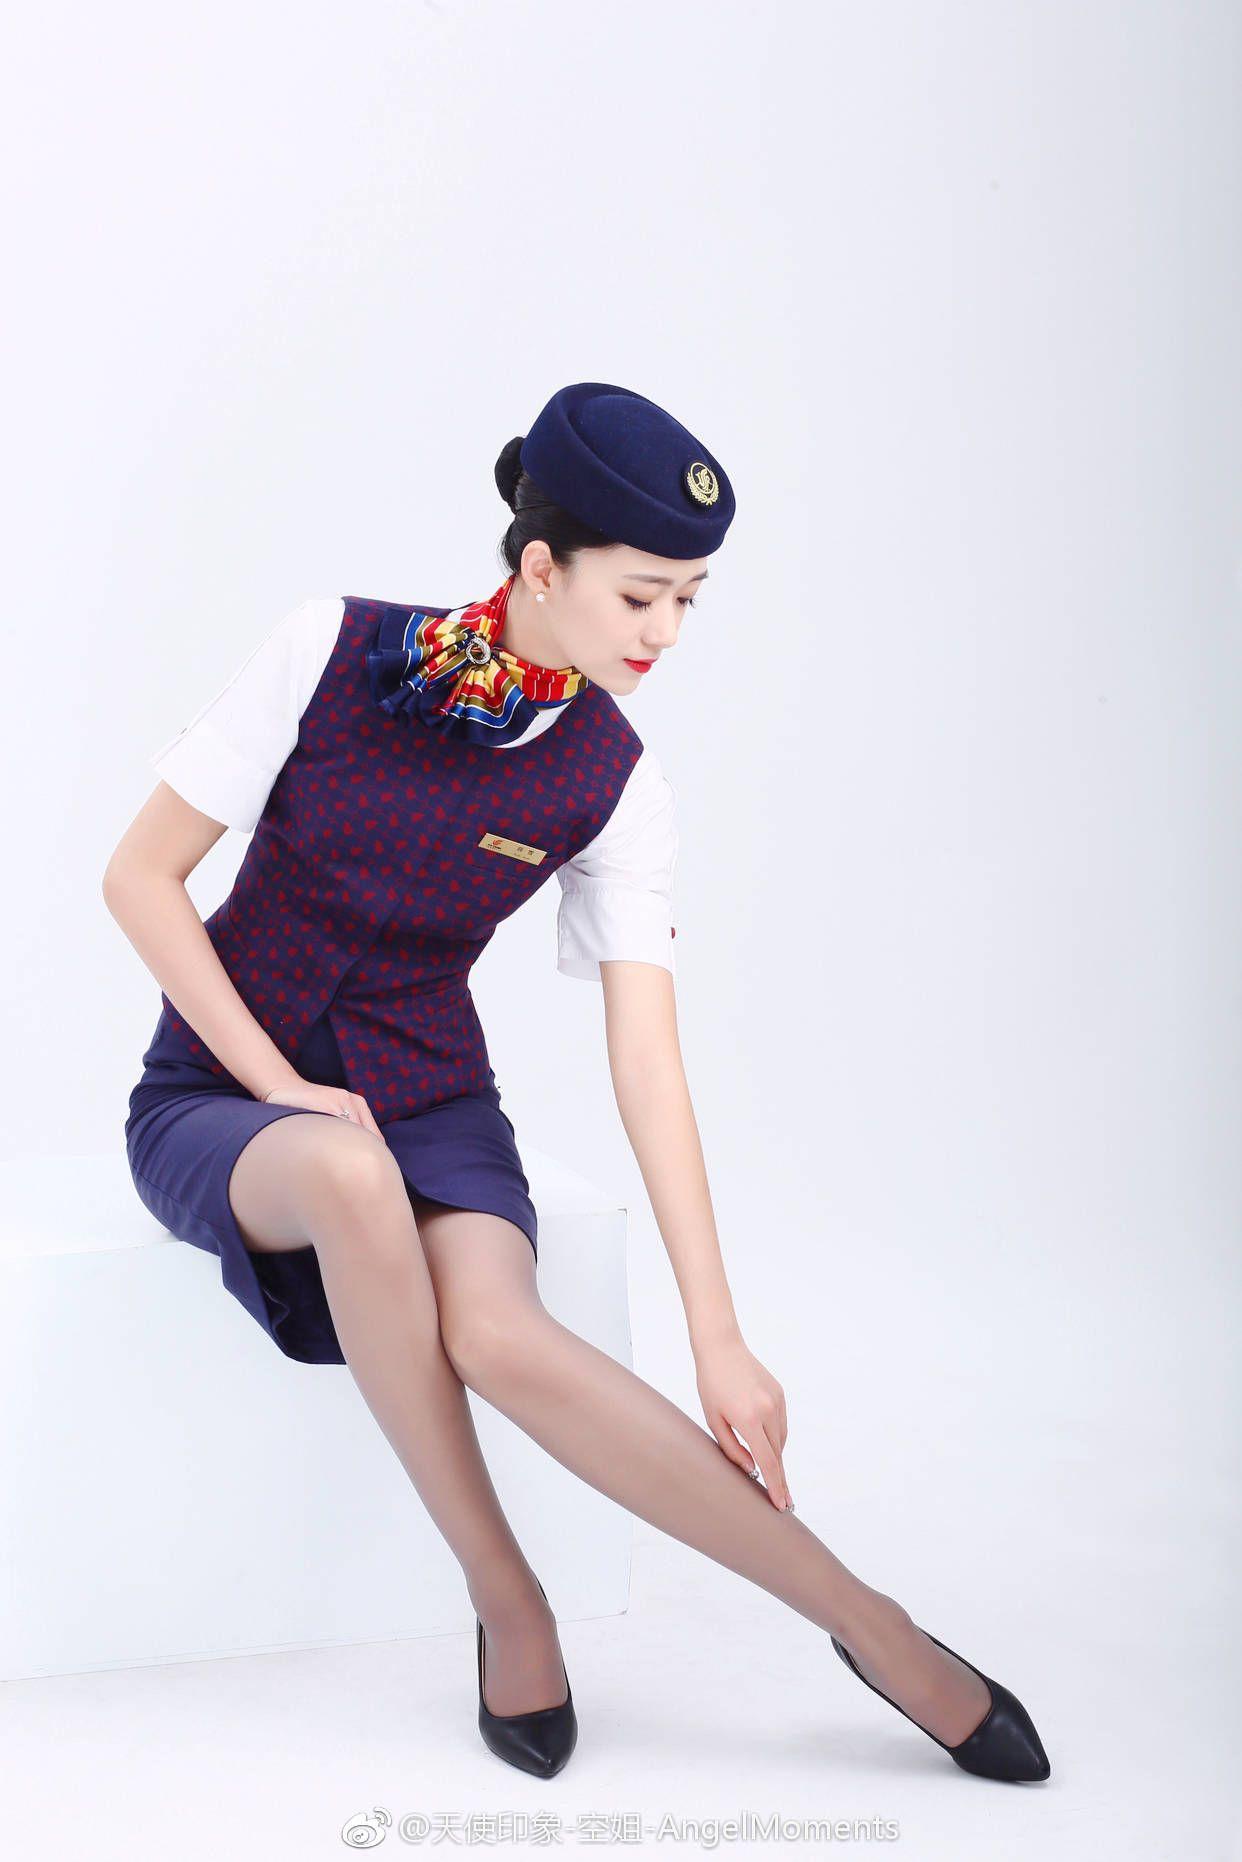 yaponskie-styuardessi-so-svoimi-uslugami-foto-skritaya-kamera-spyashih-zhenshin